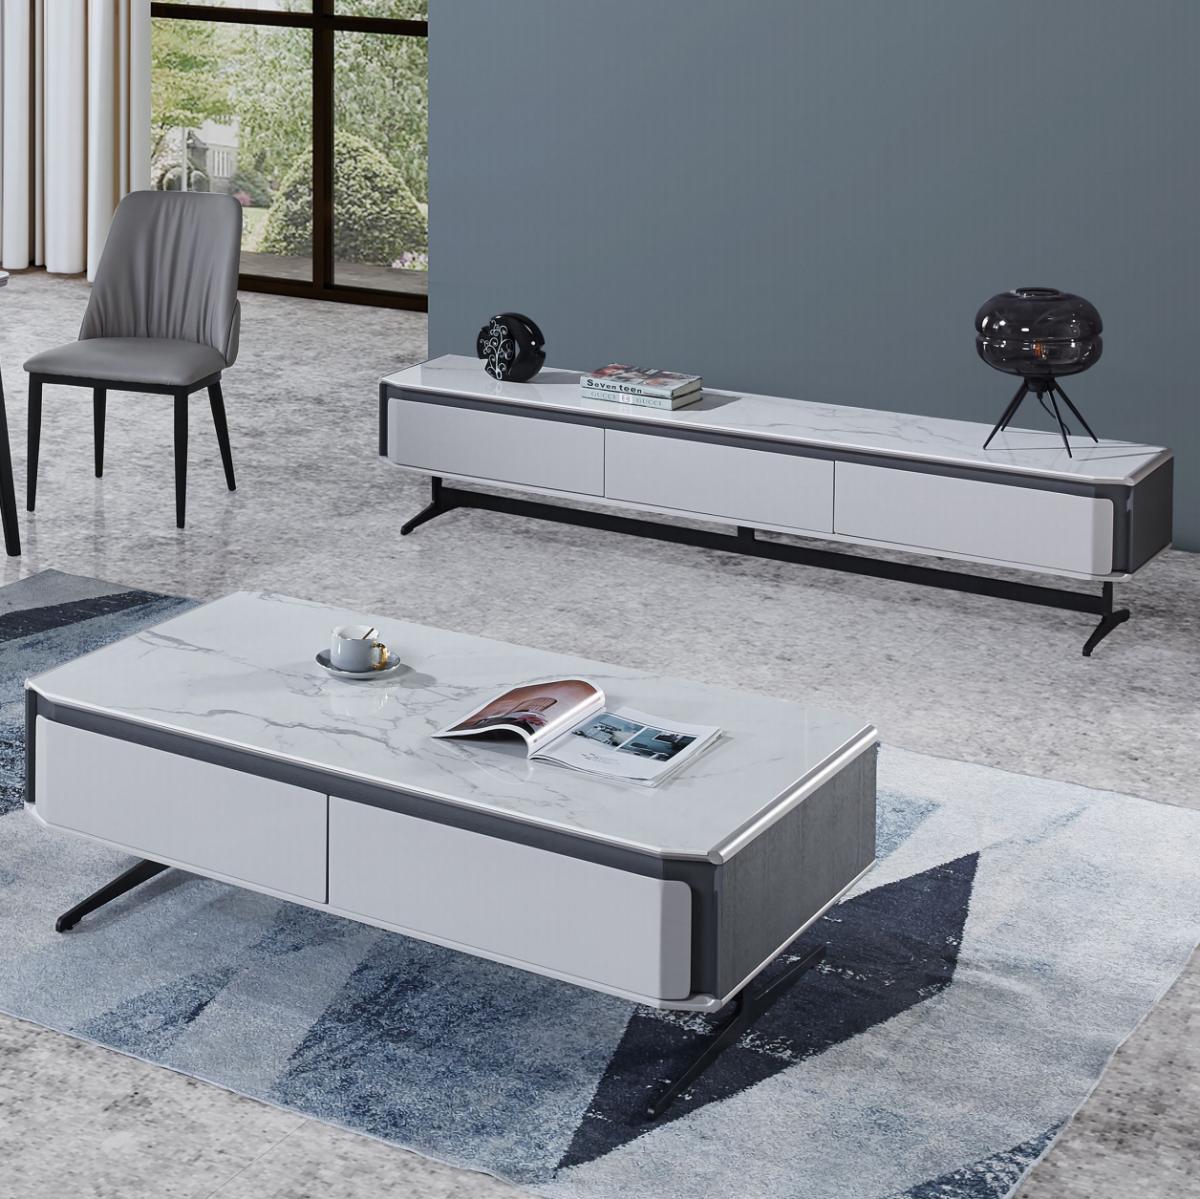 岩板茶几电视柜组合套装简约现代风格客厅小户型家用极简茶台茶桌